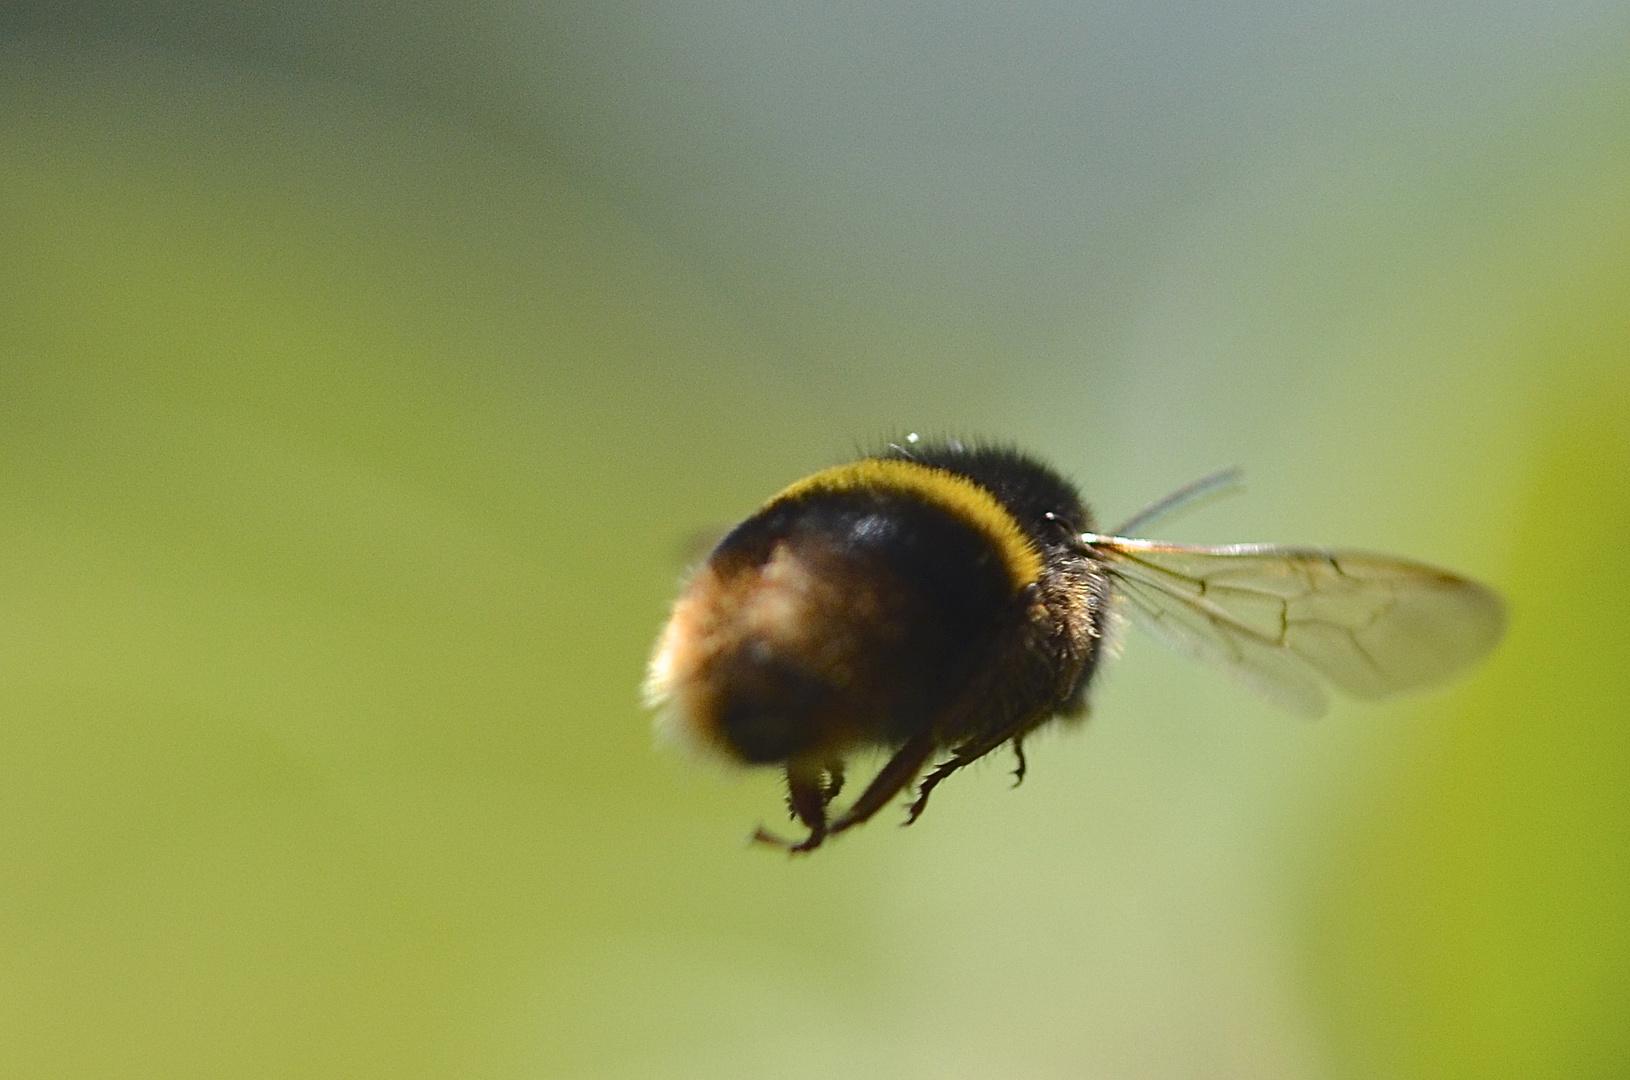 flieg Hummel flieg